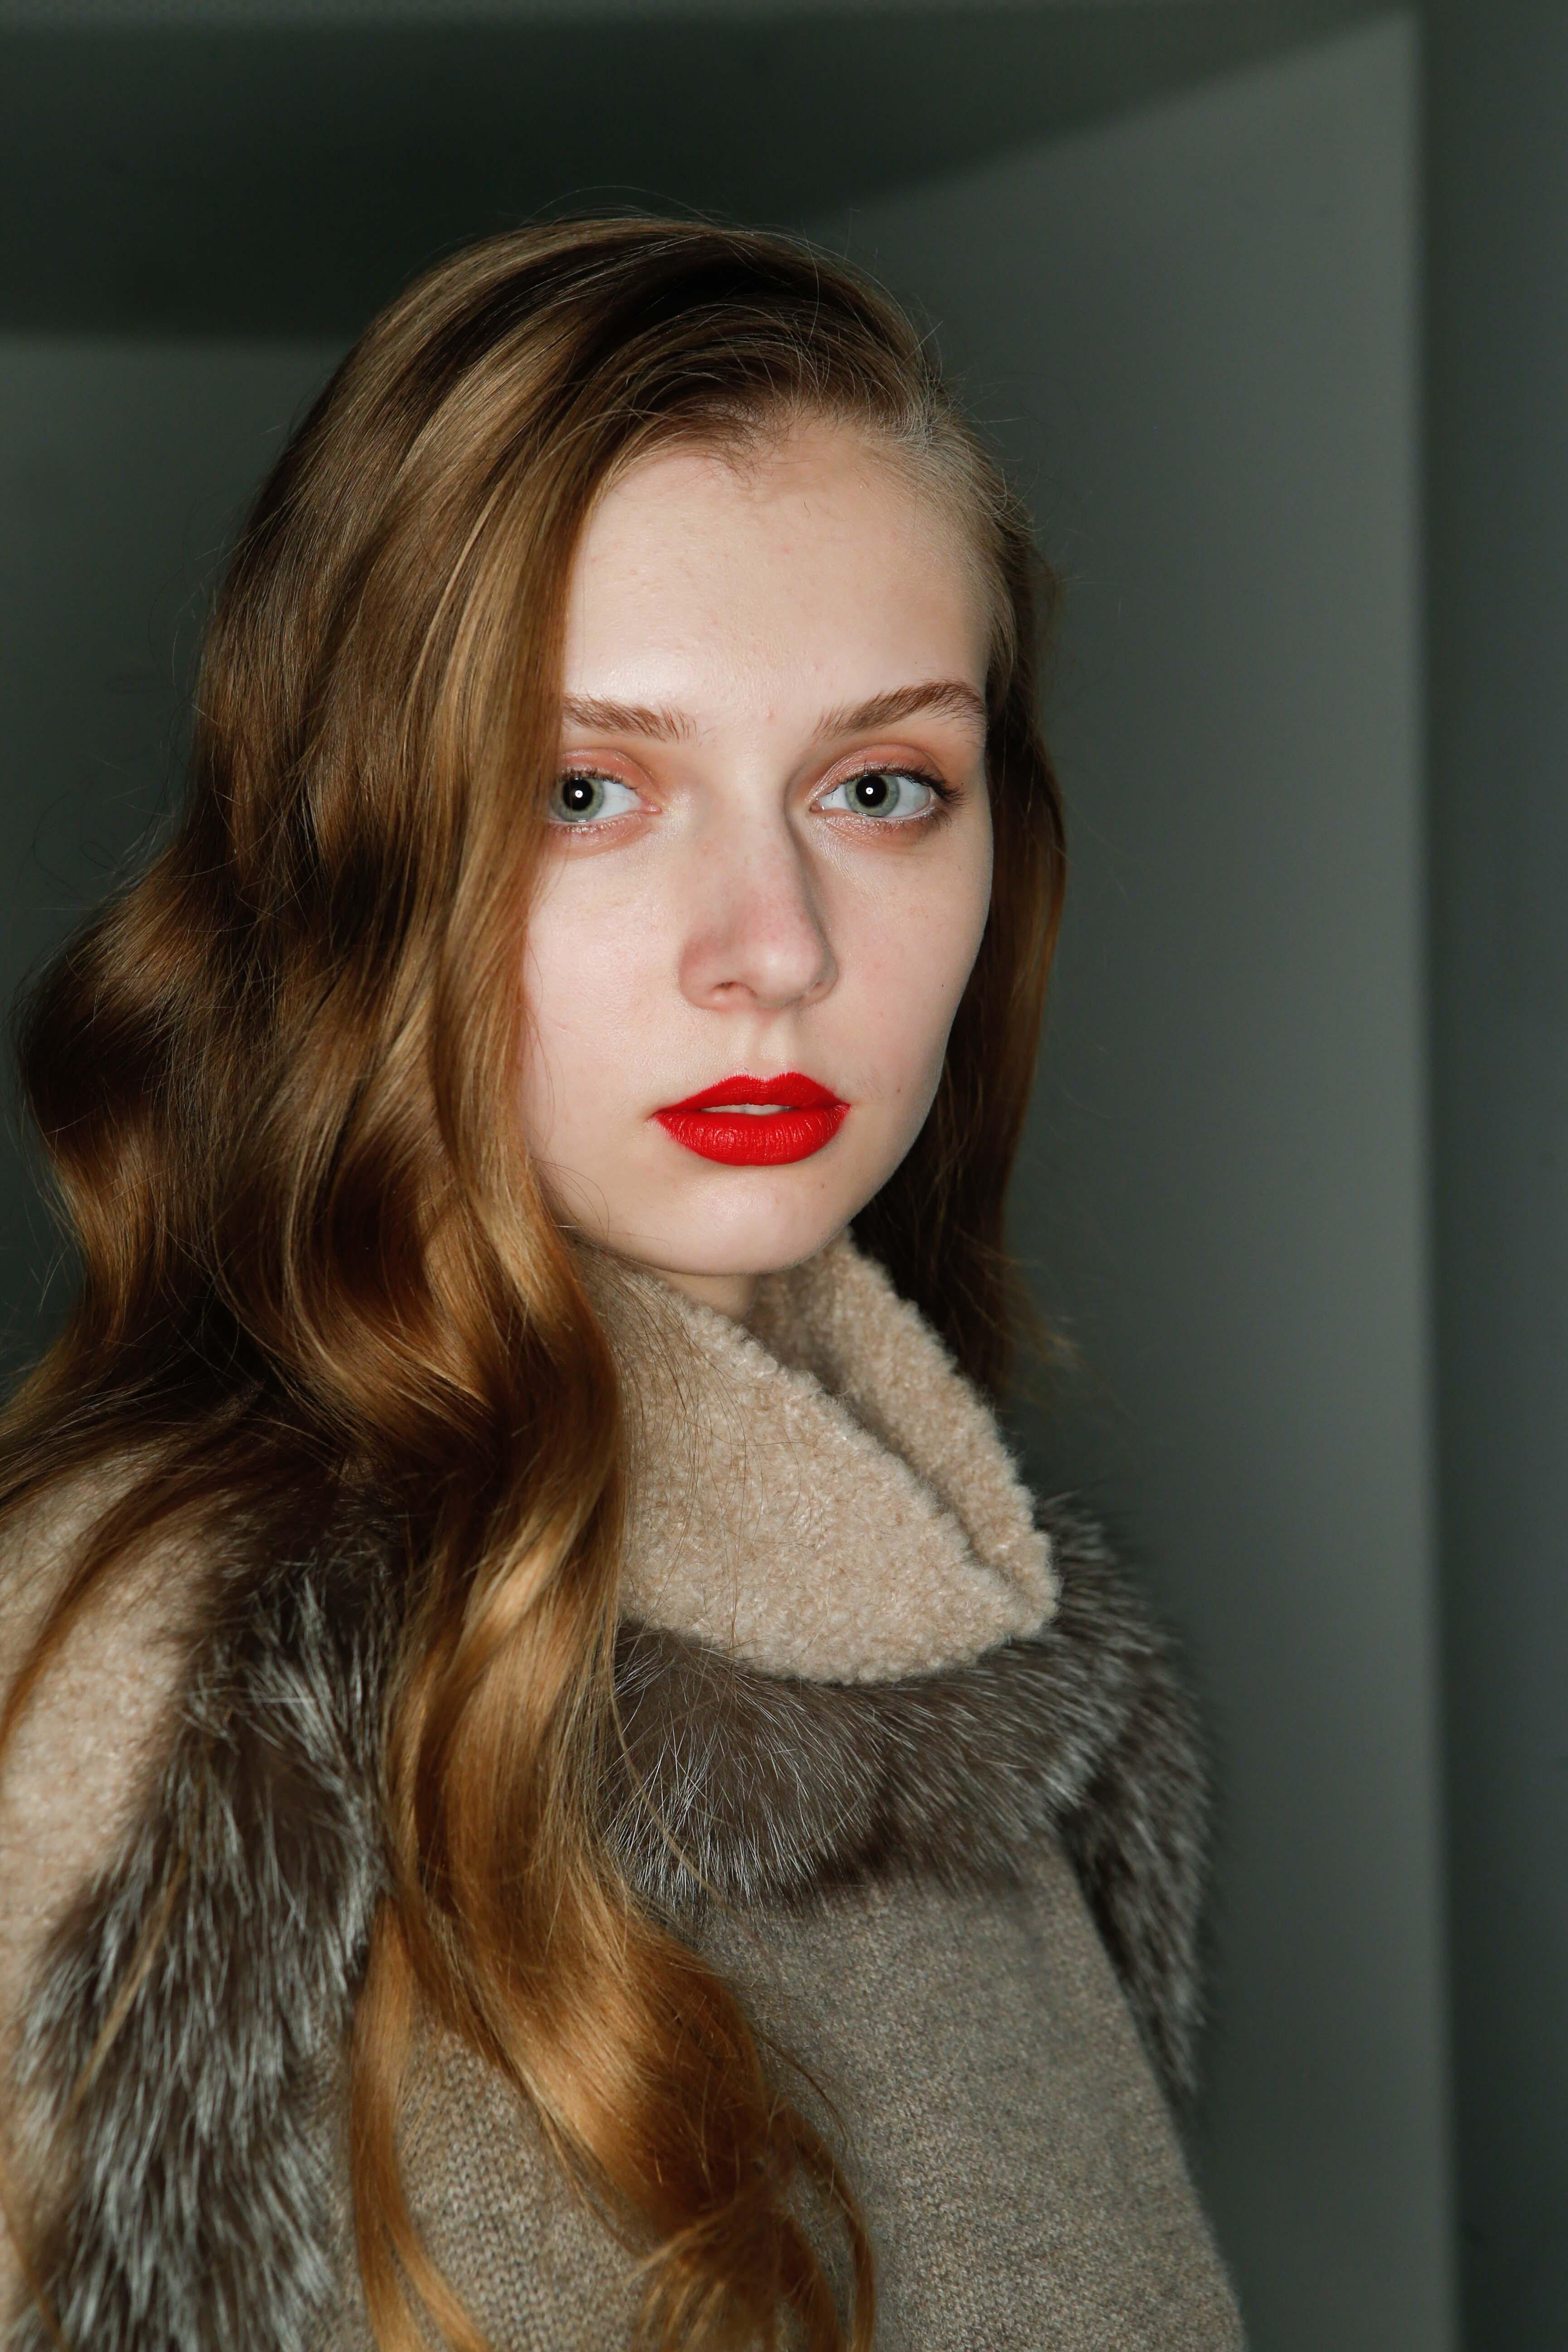 vue de face d'une femme avec du rouge à lèvres rouge et des cheveux blonds miel, vagues brunes ensoleillées